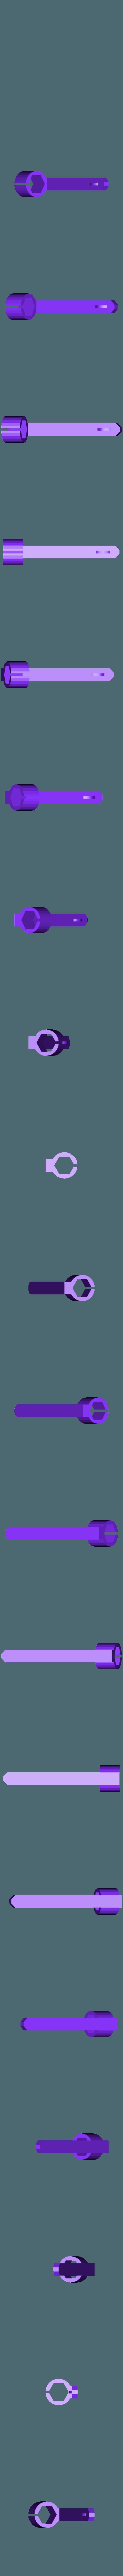 pencil-clip.stl Download free STL file Basic Pencil Clip • 3D printer model, jolang